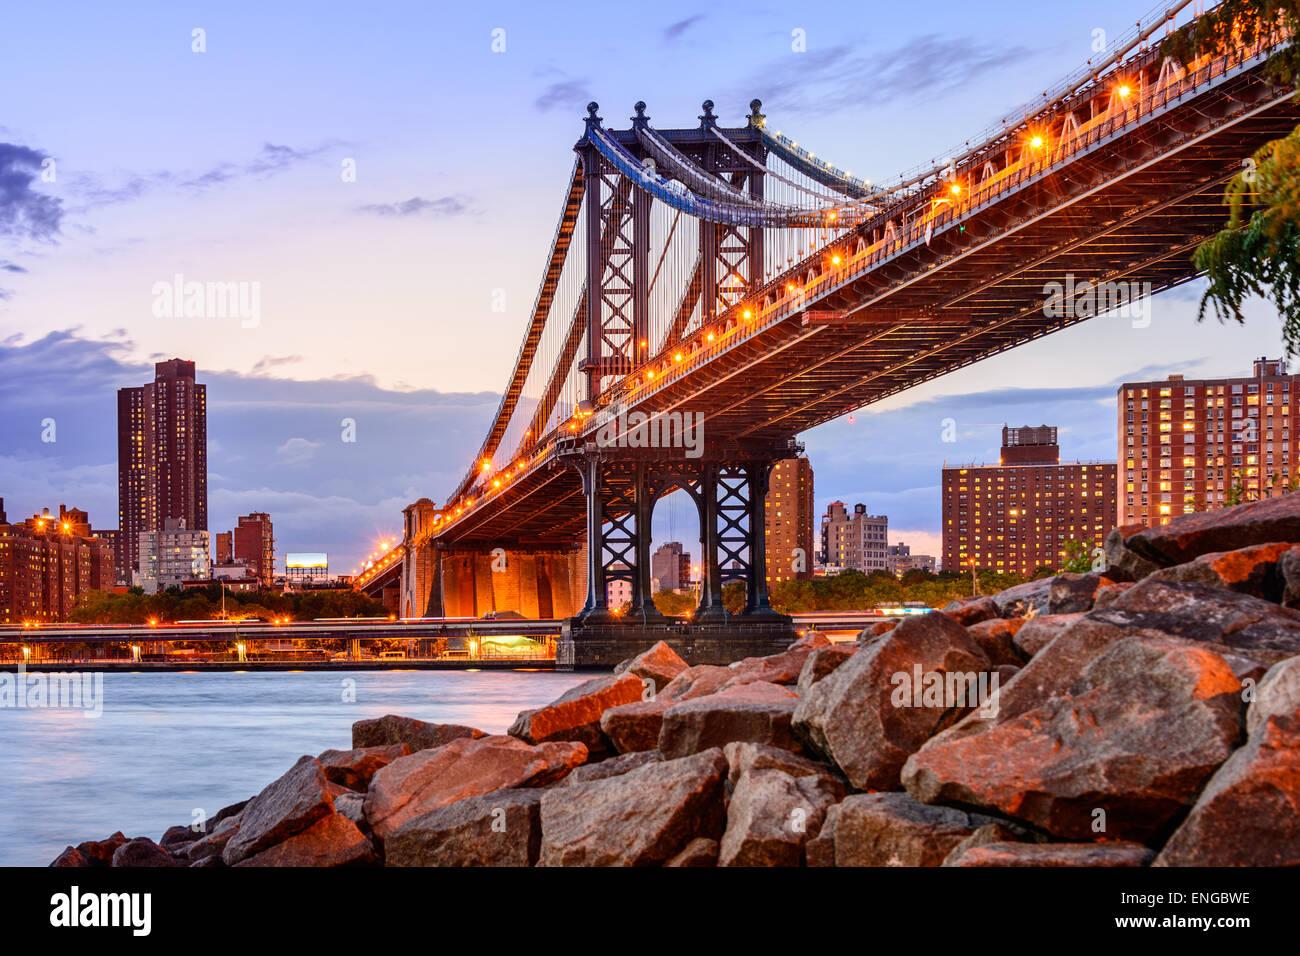 La ville de New York, USA à la Manhattan Pont enjambant l'East River. Photo Stock